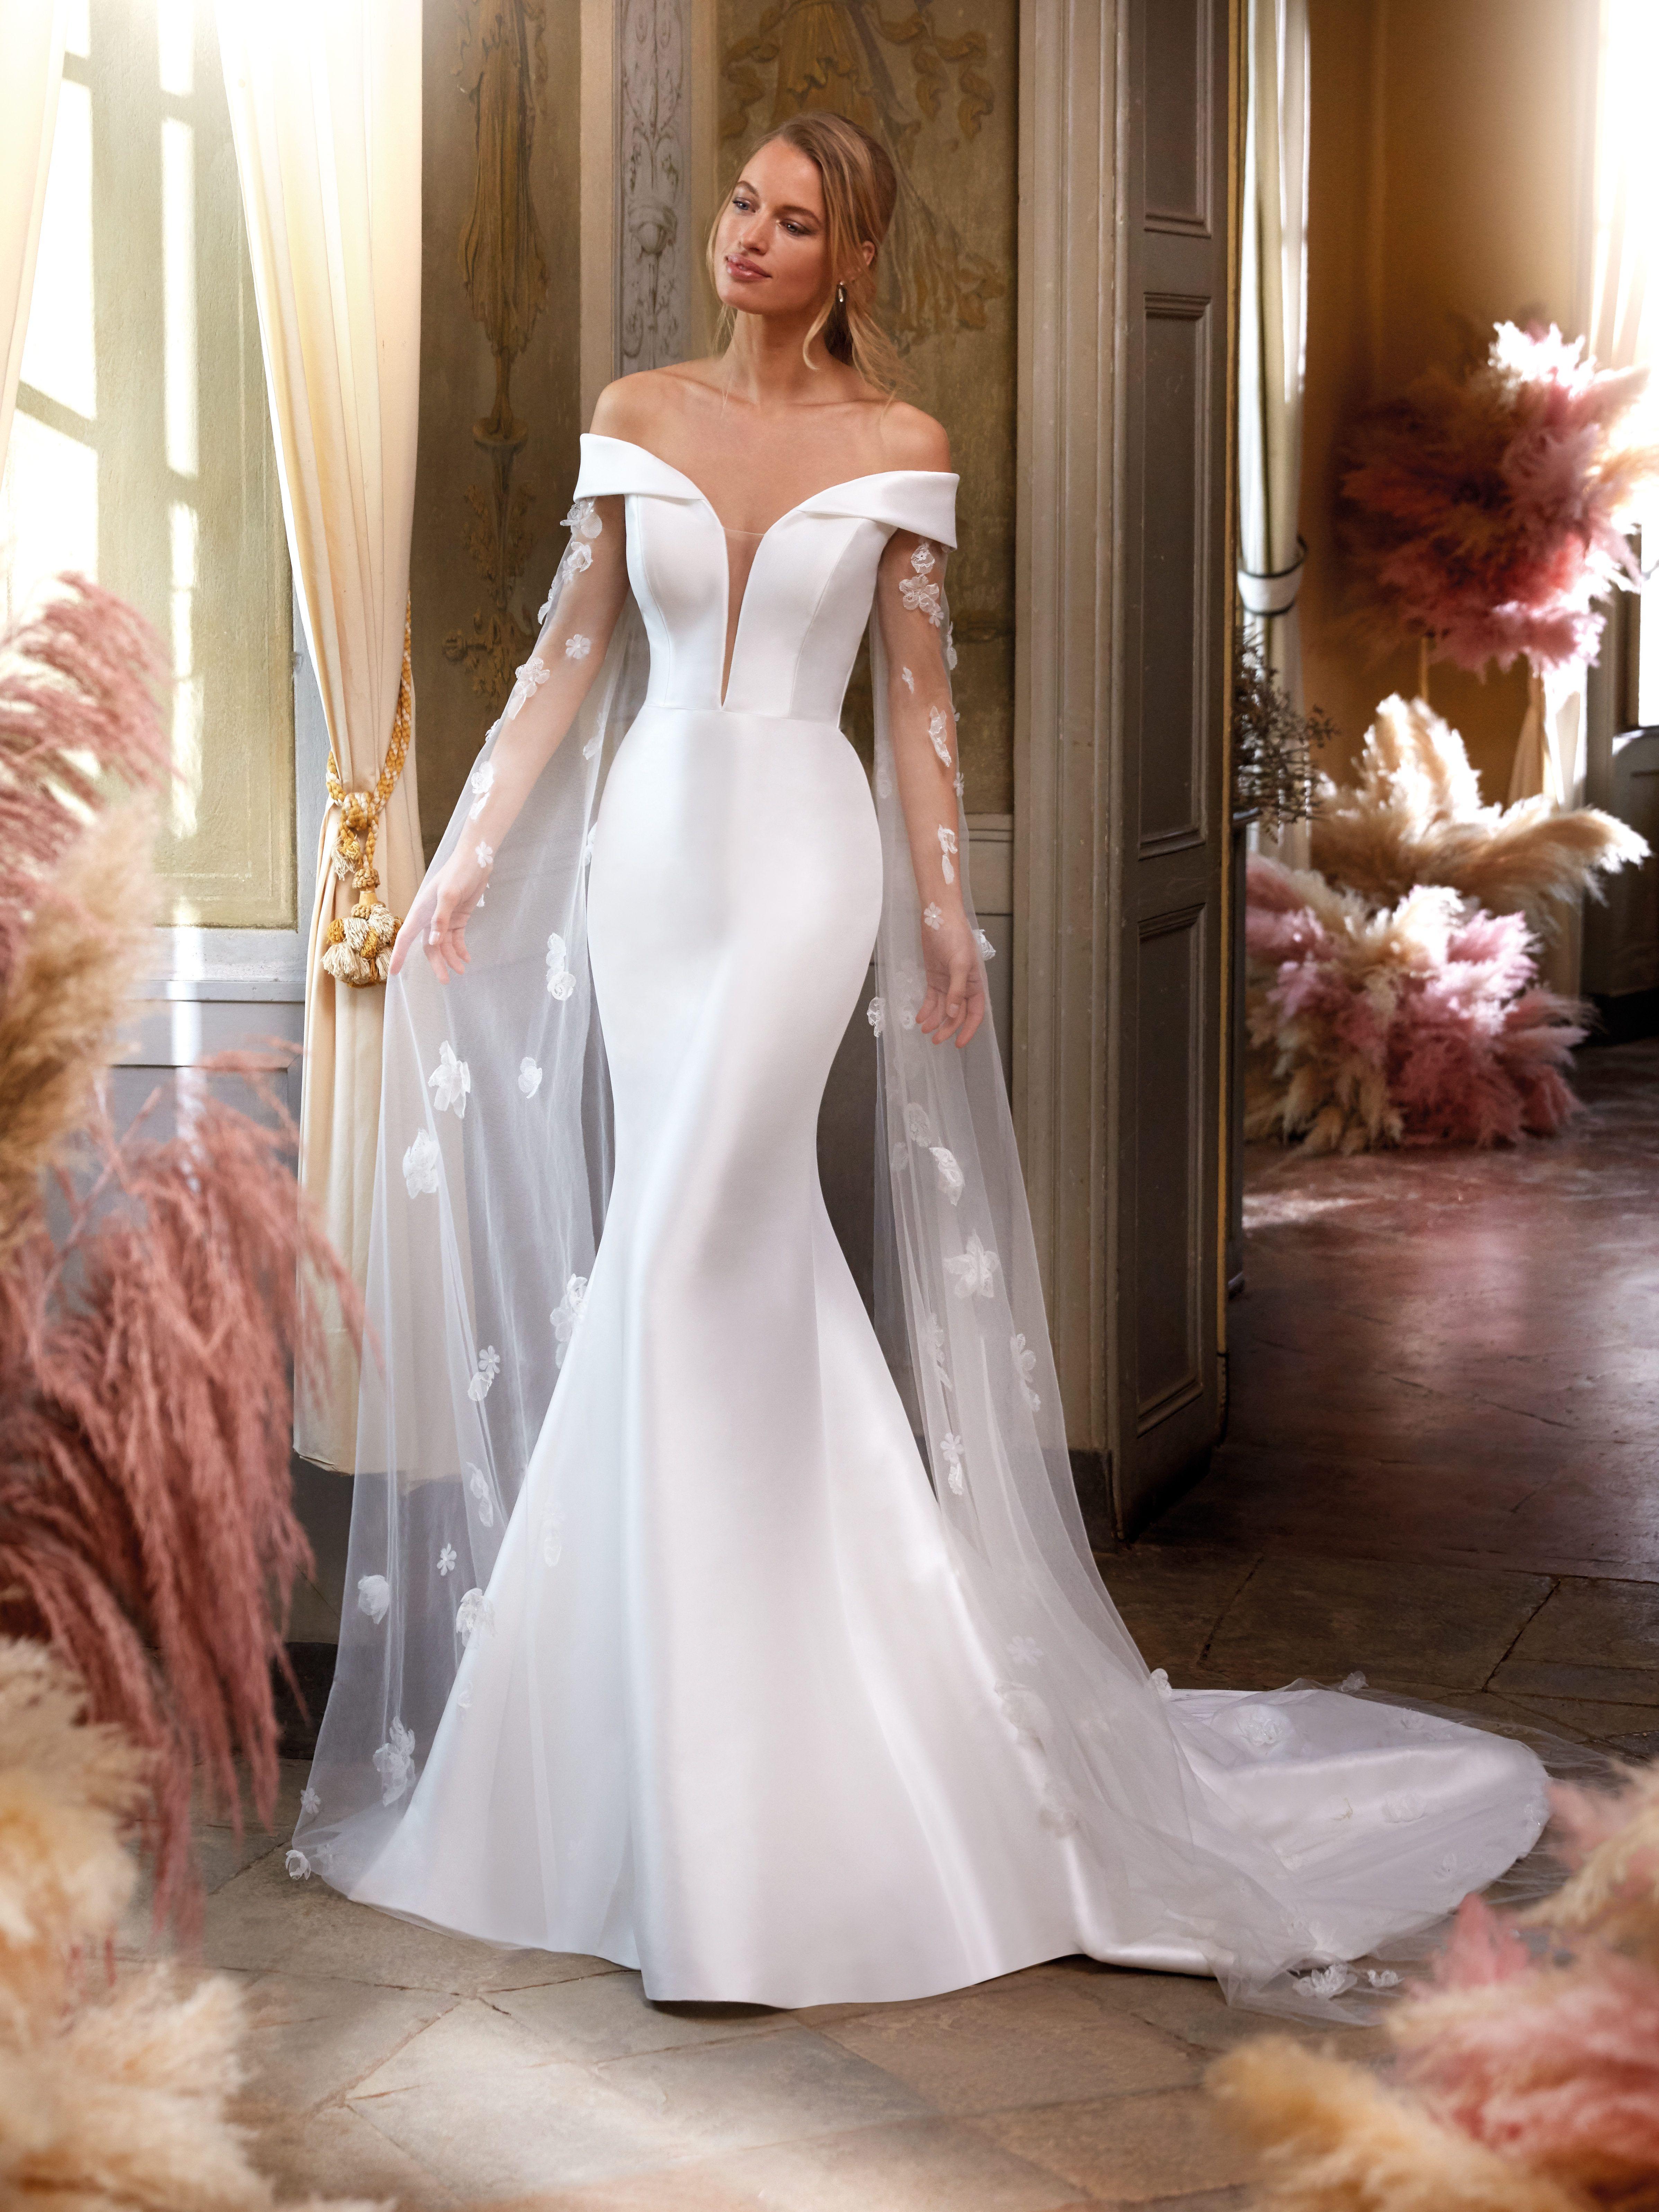 Marvelous Mermaid Wedding Dress With Detachable Sleeves Bridal Dresses Mermaid Flowing Wedding Dresses Mermaid Trumpet Wedding Dresses [ 6387 x 4791 Pixel ]